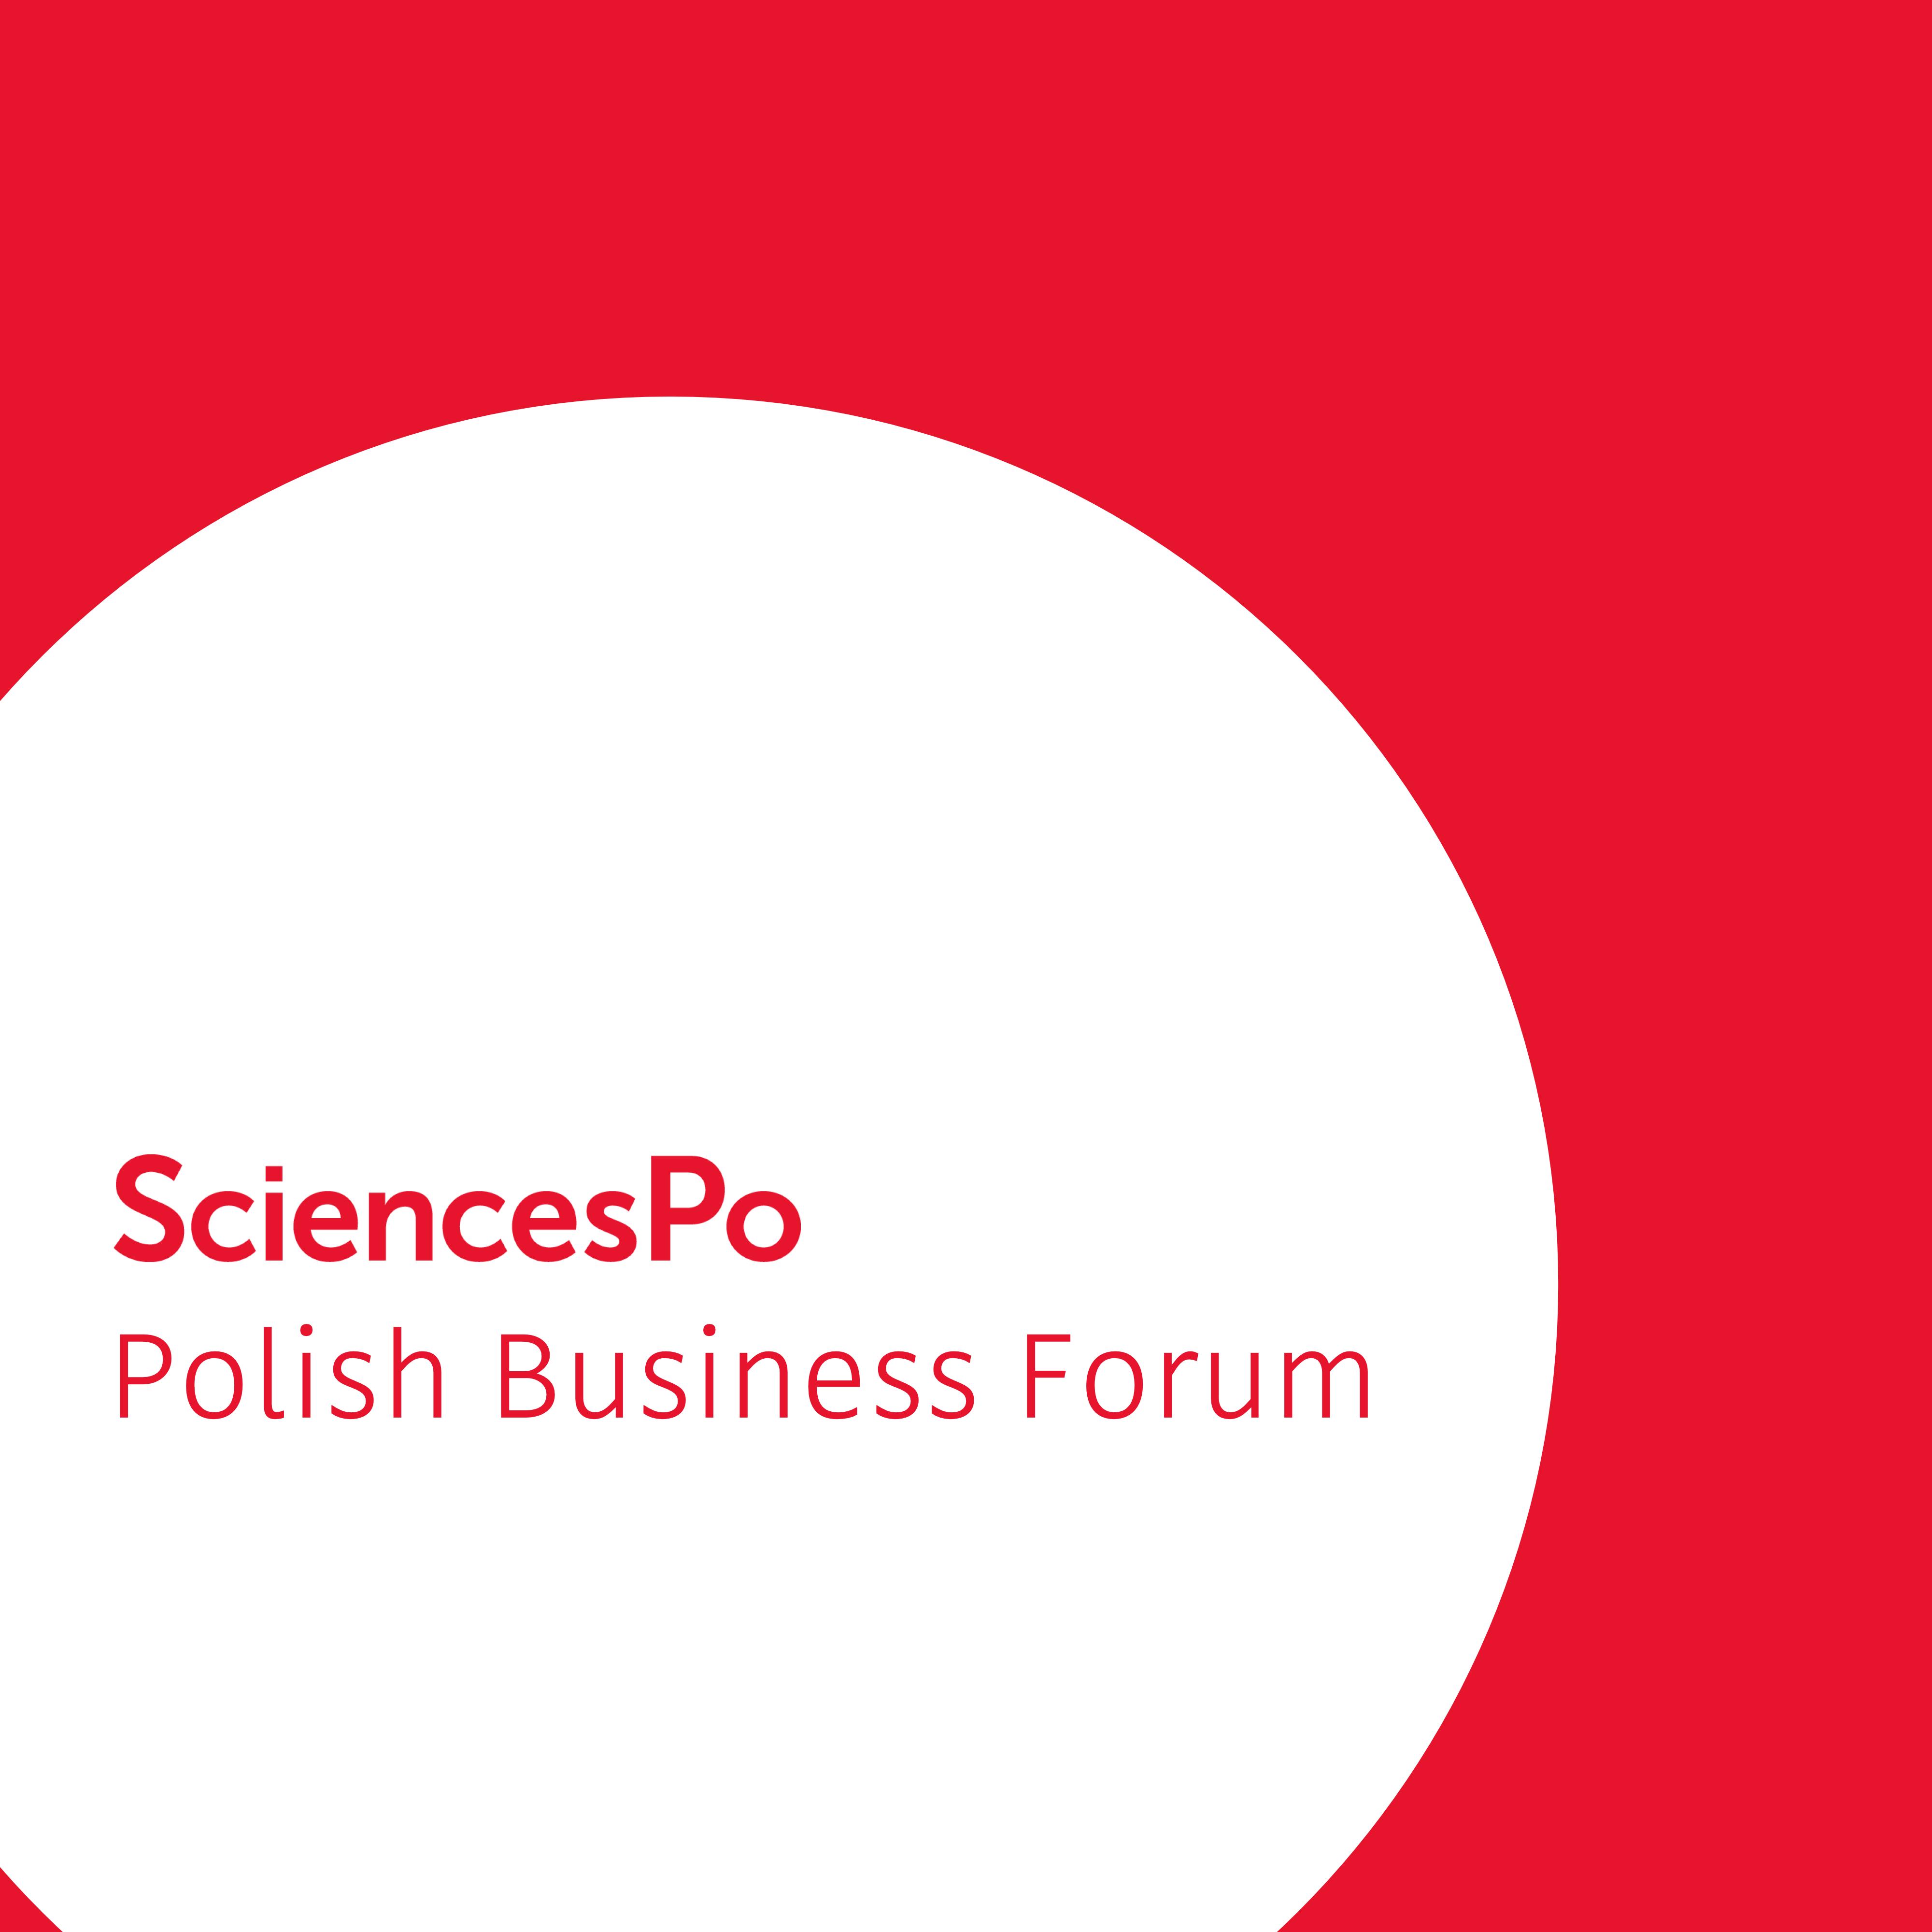 Polish Business Forum le 25 février à Science Po